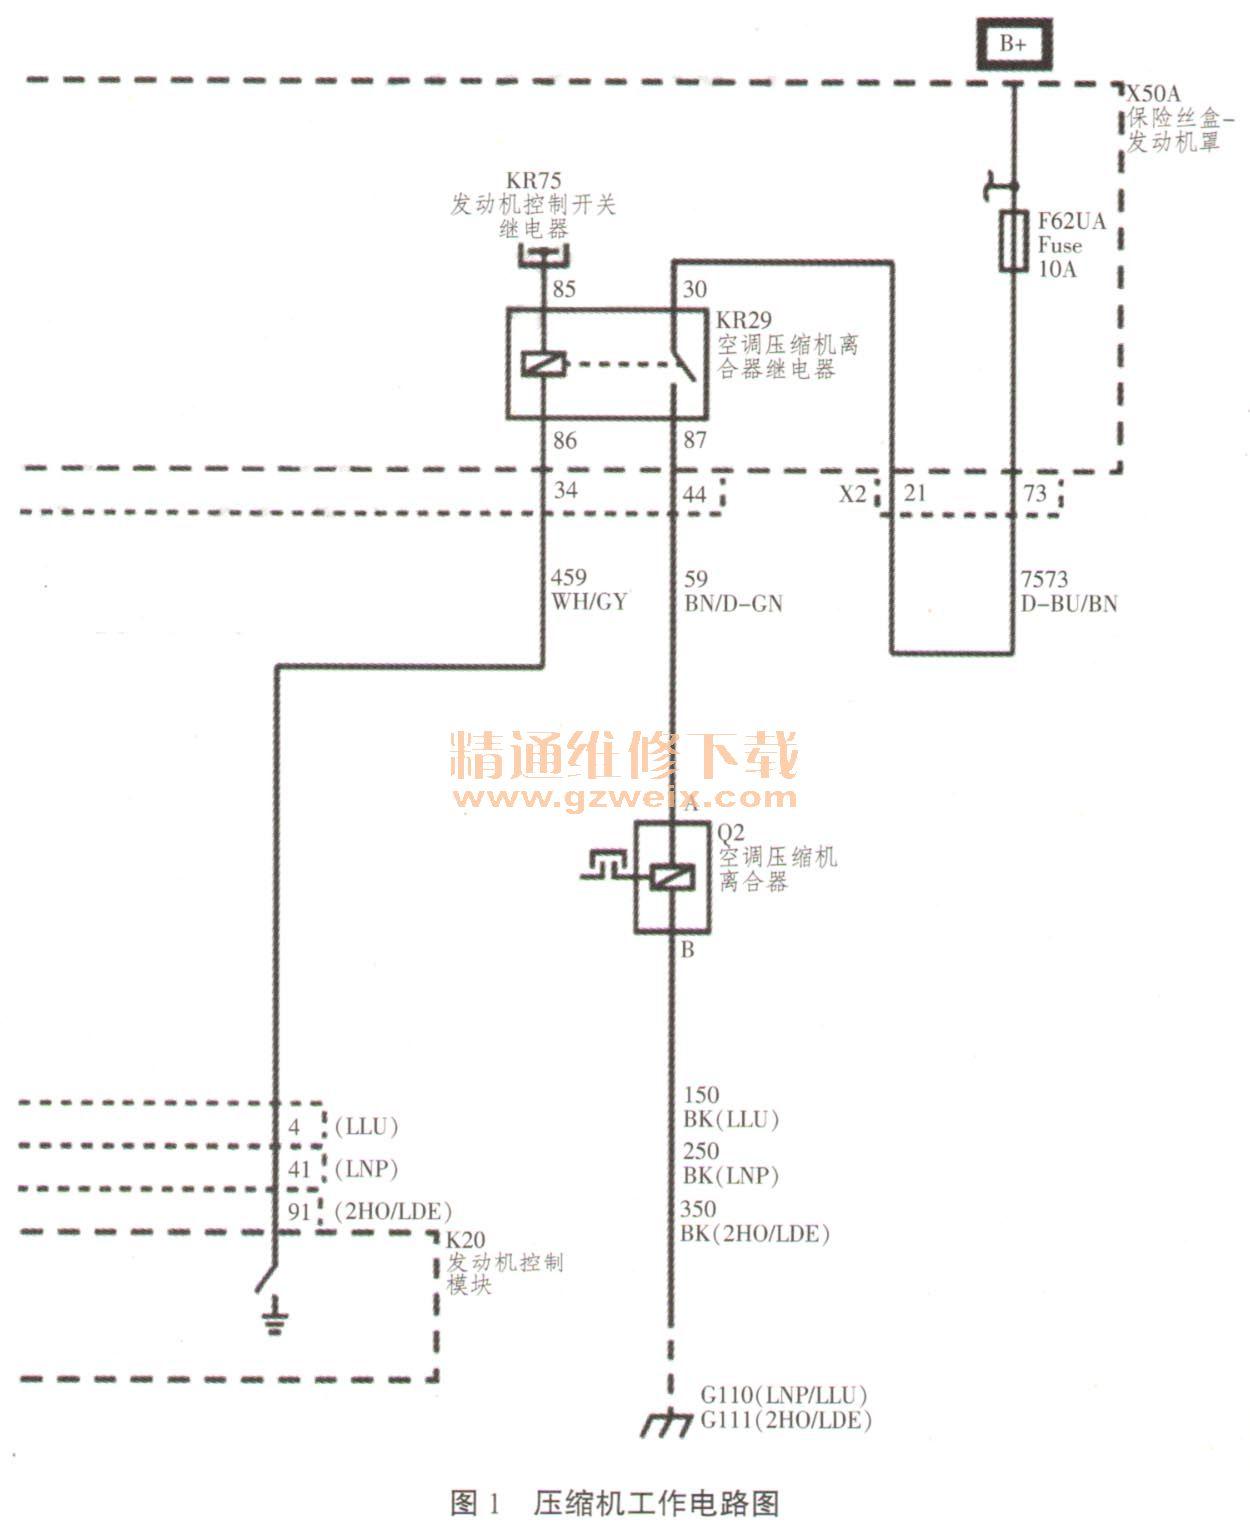 温度15。 通过以上数据分析,发现满足压缩机工作的条件,初步怀疑是压缩机相关电路有问题。使用解码器进行压缩机动作测试,发现压缩机不工作,确定压缩机相关电路有故障。 电路分析:如图1所示,压缩机离合器的电磁线圈的正极电压是由+B提供的,线圈直接连接至负极,中间有开关连接,控制开关是否闭合的装置是KR29继电器,KR29继电器的控制火线的电压(KR29/85)是由KR75继电器负载火线提供的,KR29继电器的控制地线(KR29/86 )是通过发动机控制模块控制接地的(K20/X1/4),当压缩机工作条件满足时